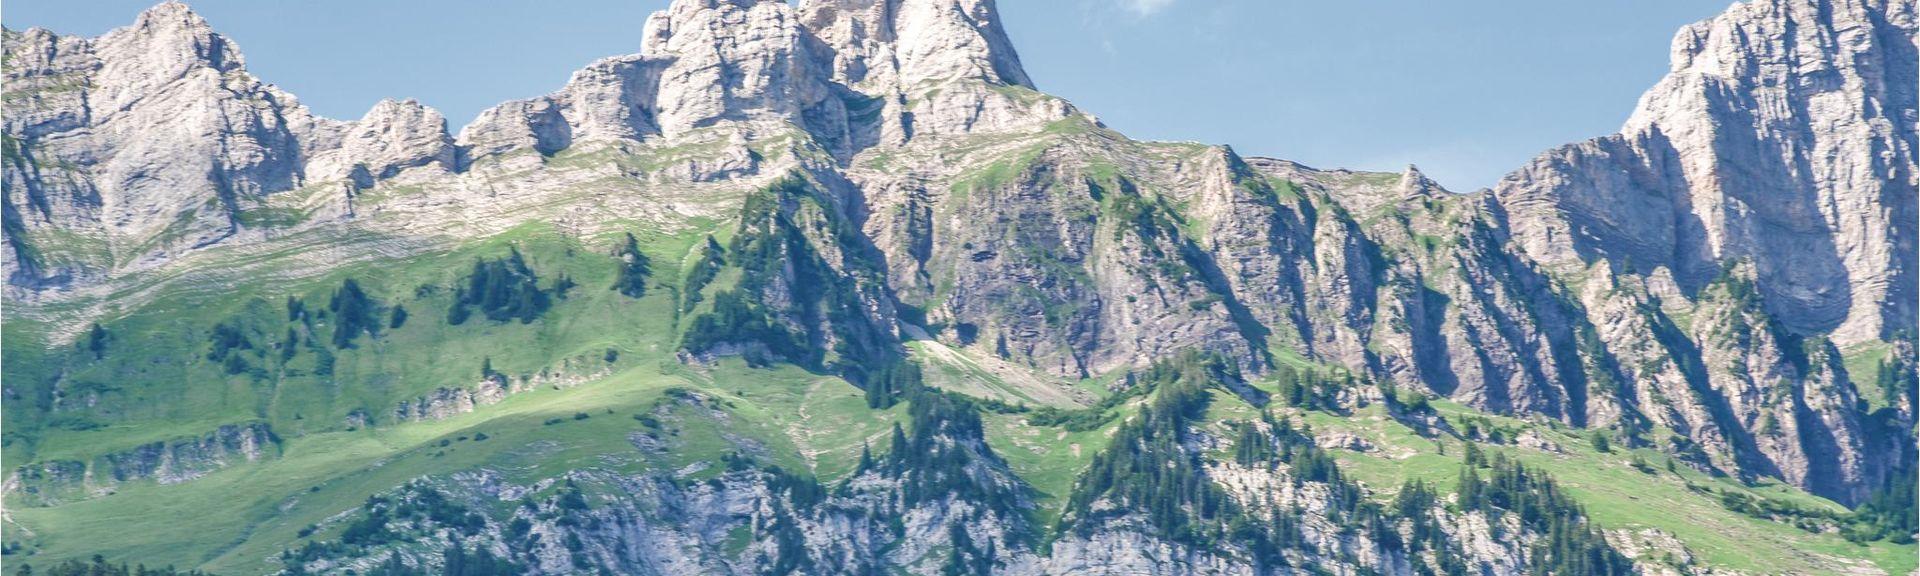 Alt Sankt Johann, Kanton St. Gallen, Schweiz